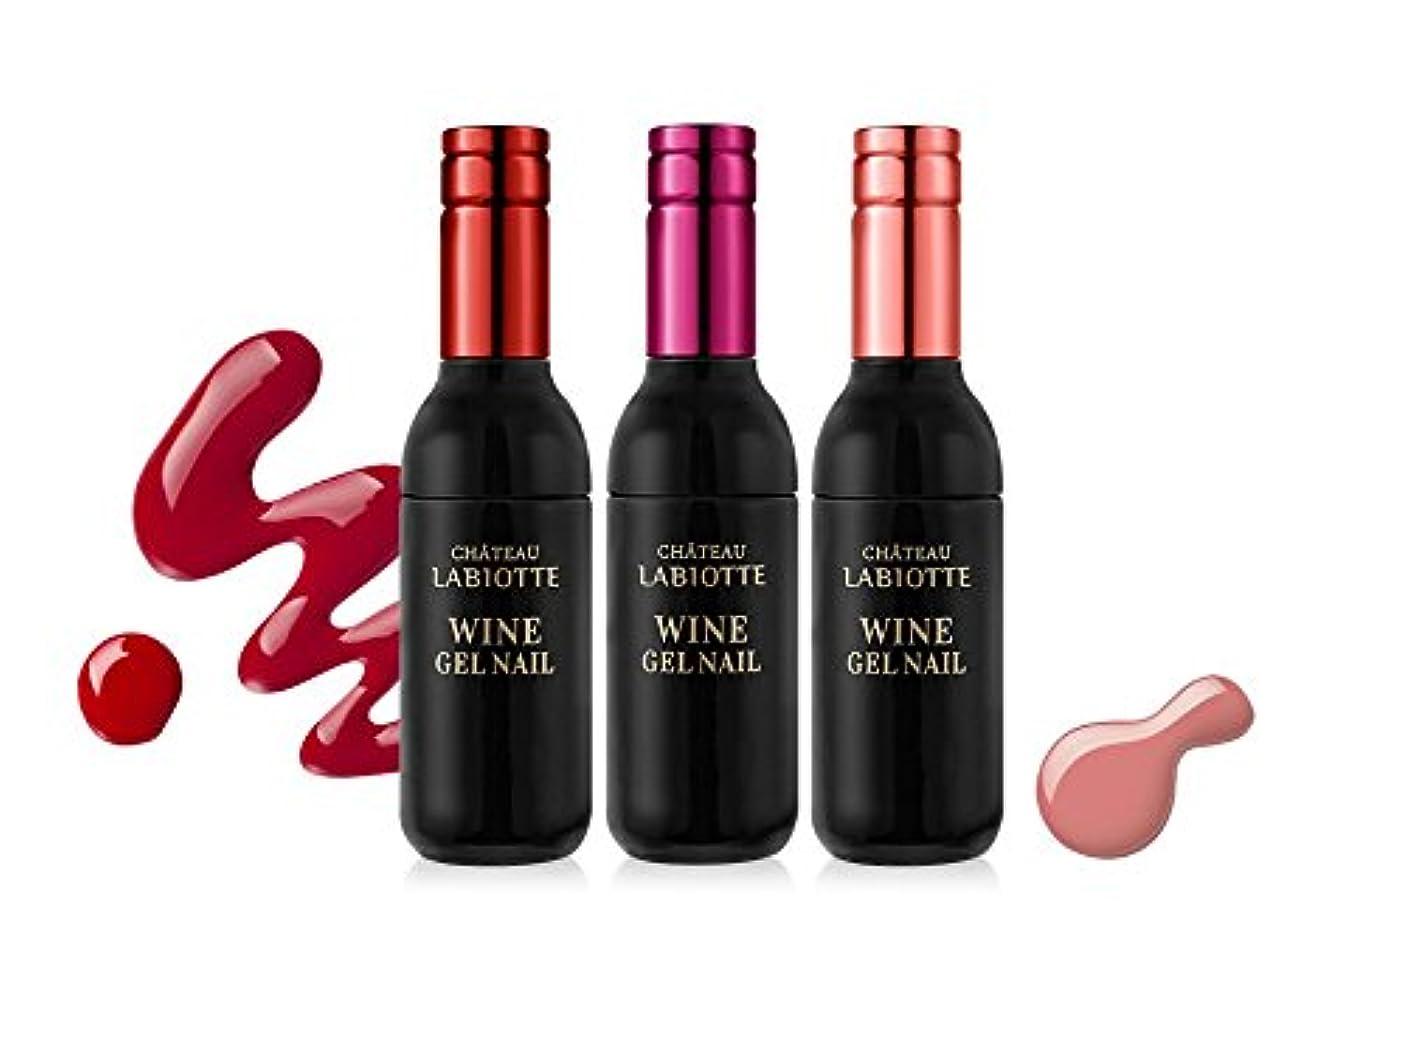 排気繕う統合するLabiotte(ラビオトゥ/ラビオッテ) シャトー ラビオッテ ジェルネイル/Chateau Labiotte Wine Gel Nail(10.9g) (BE01. メロディーヌード) [並行輸入品]